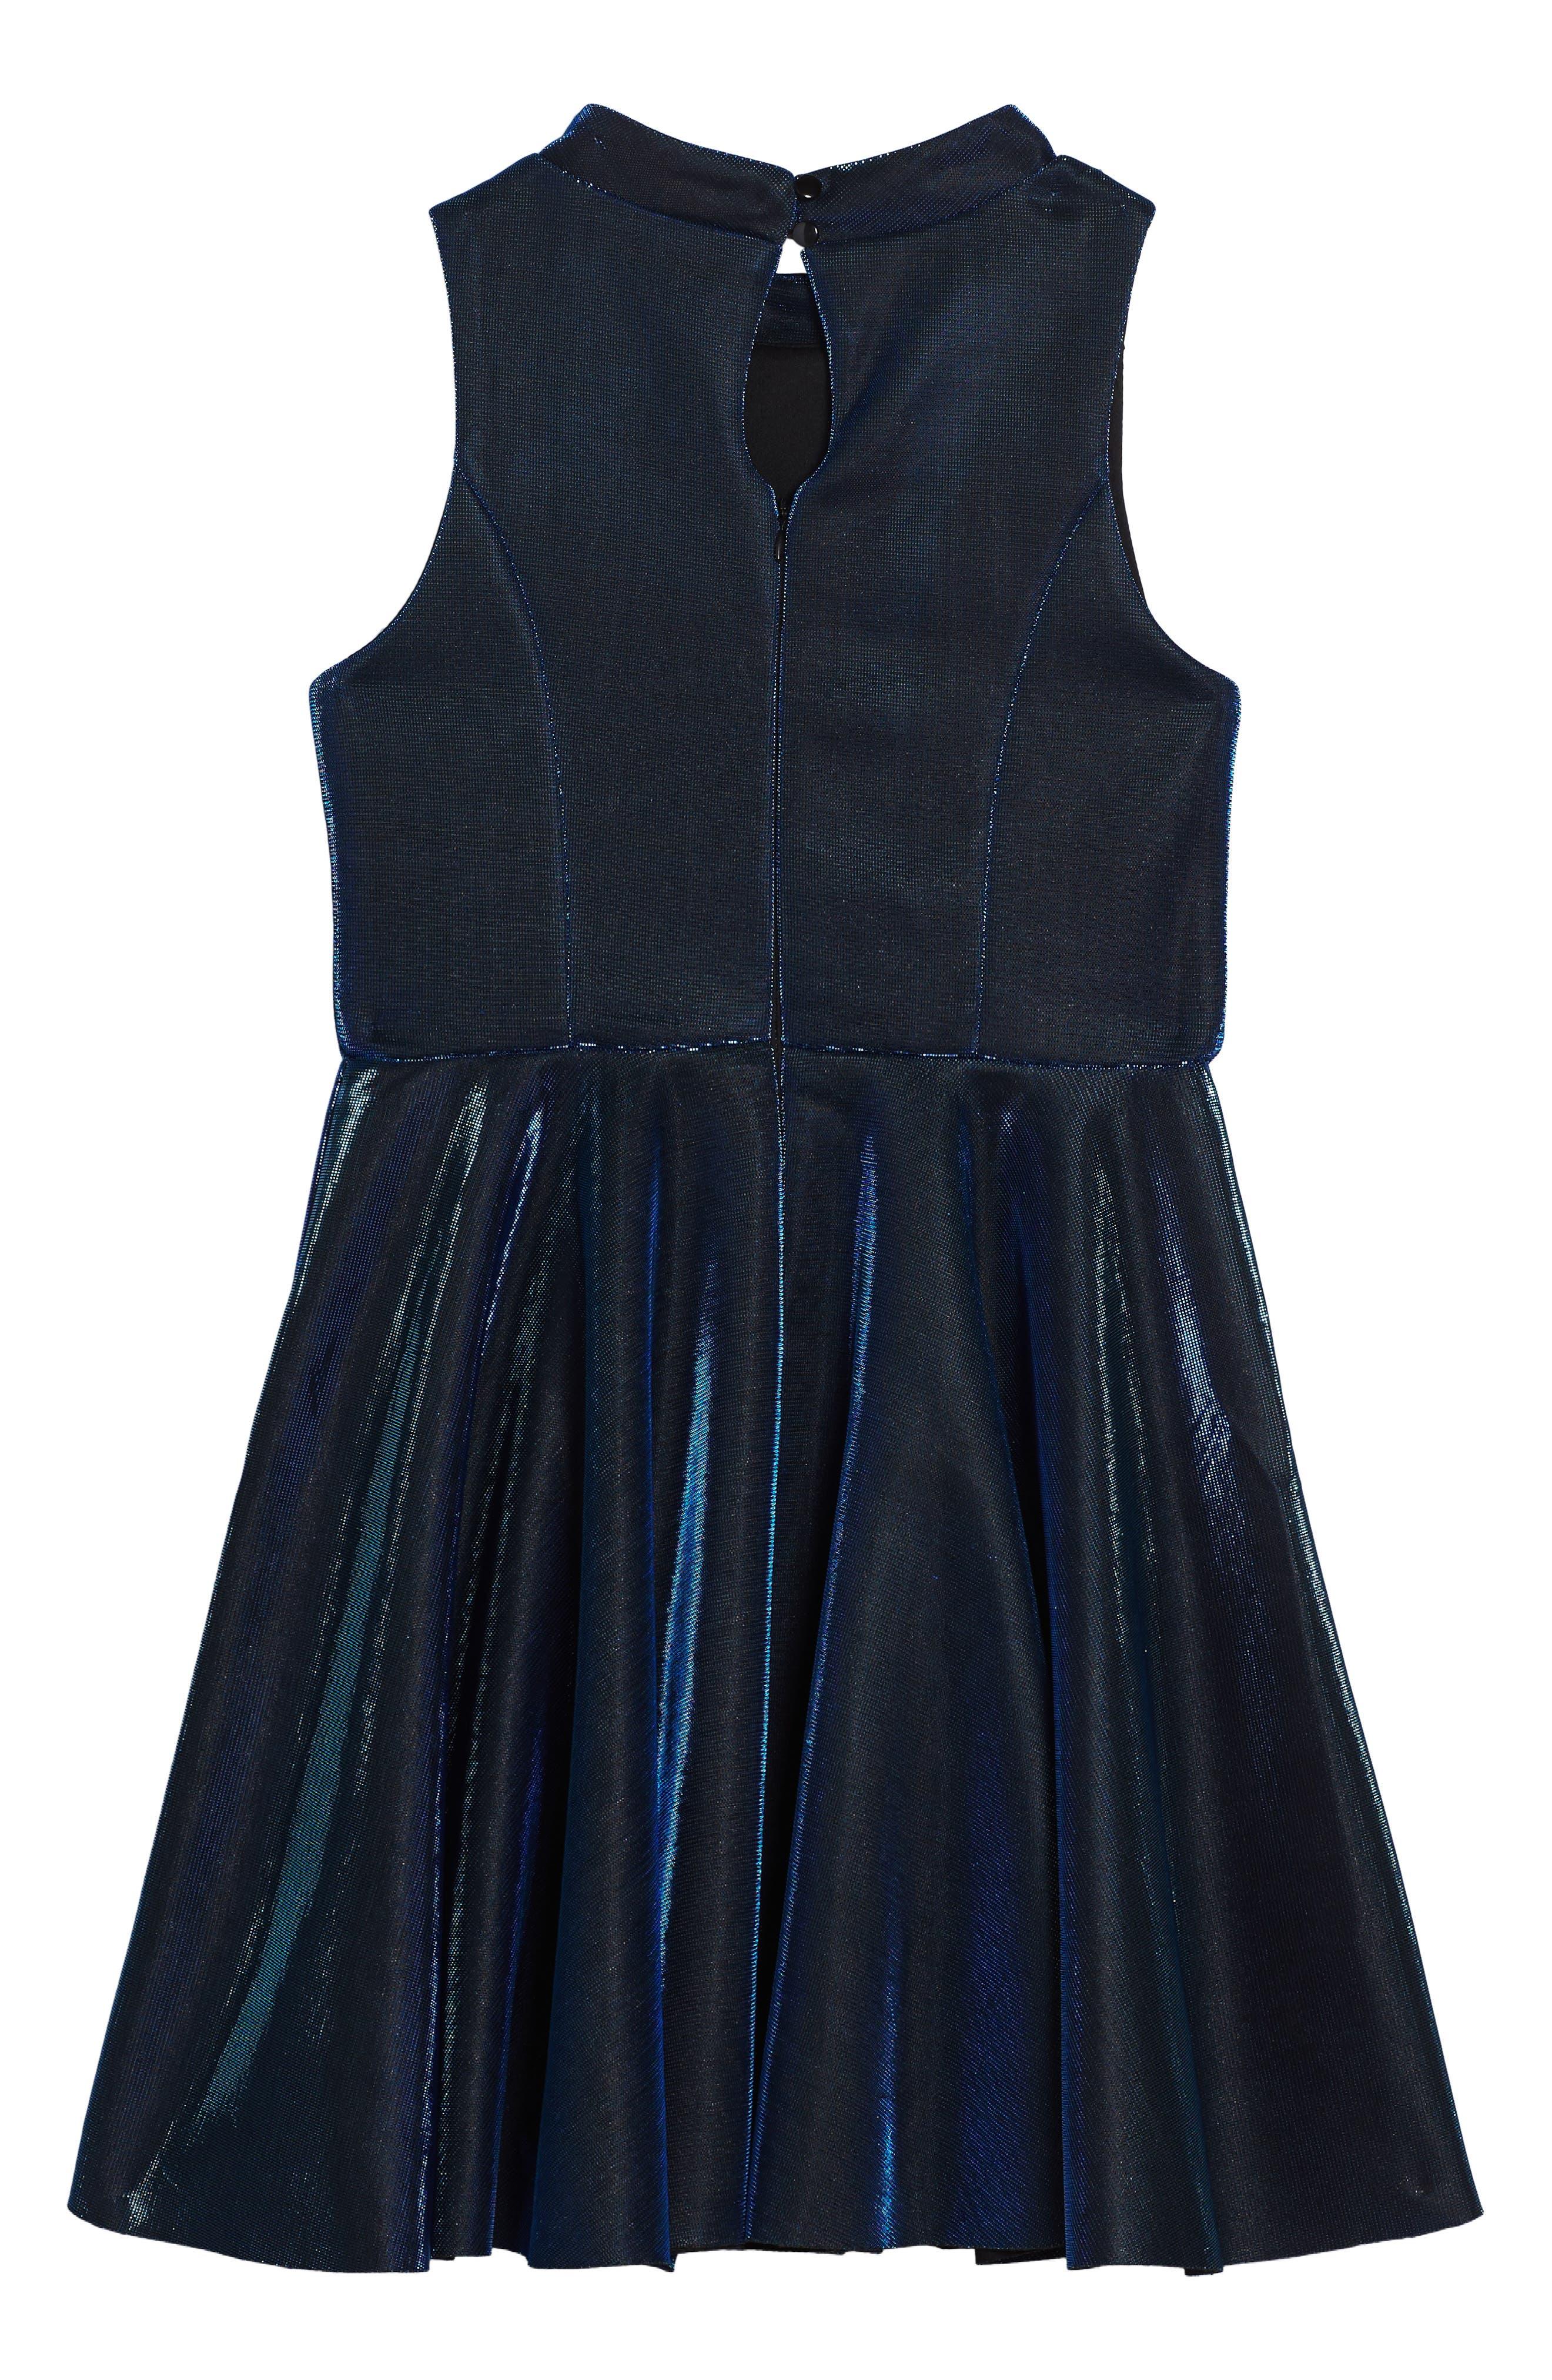 Iridescent Techno Skater Dress,                             Alternate thumbnail 2, color,                             420